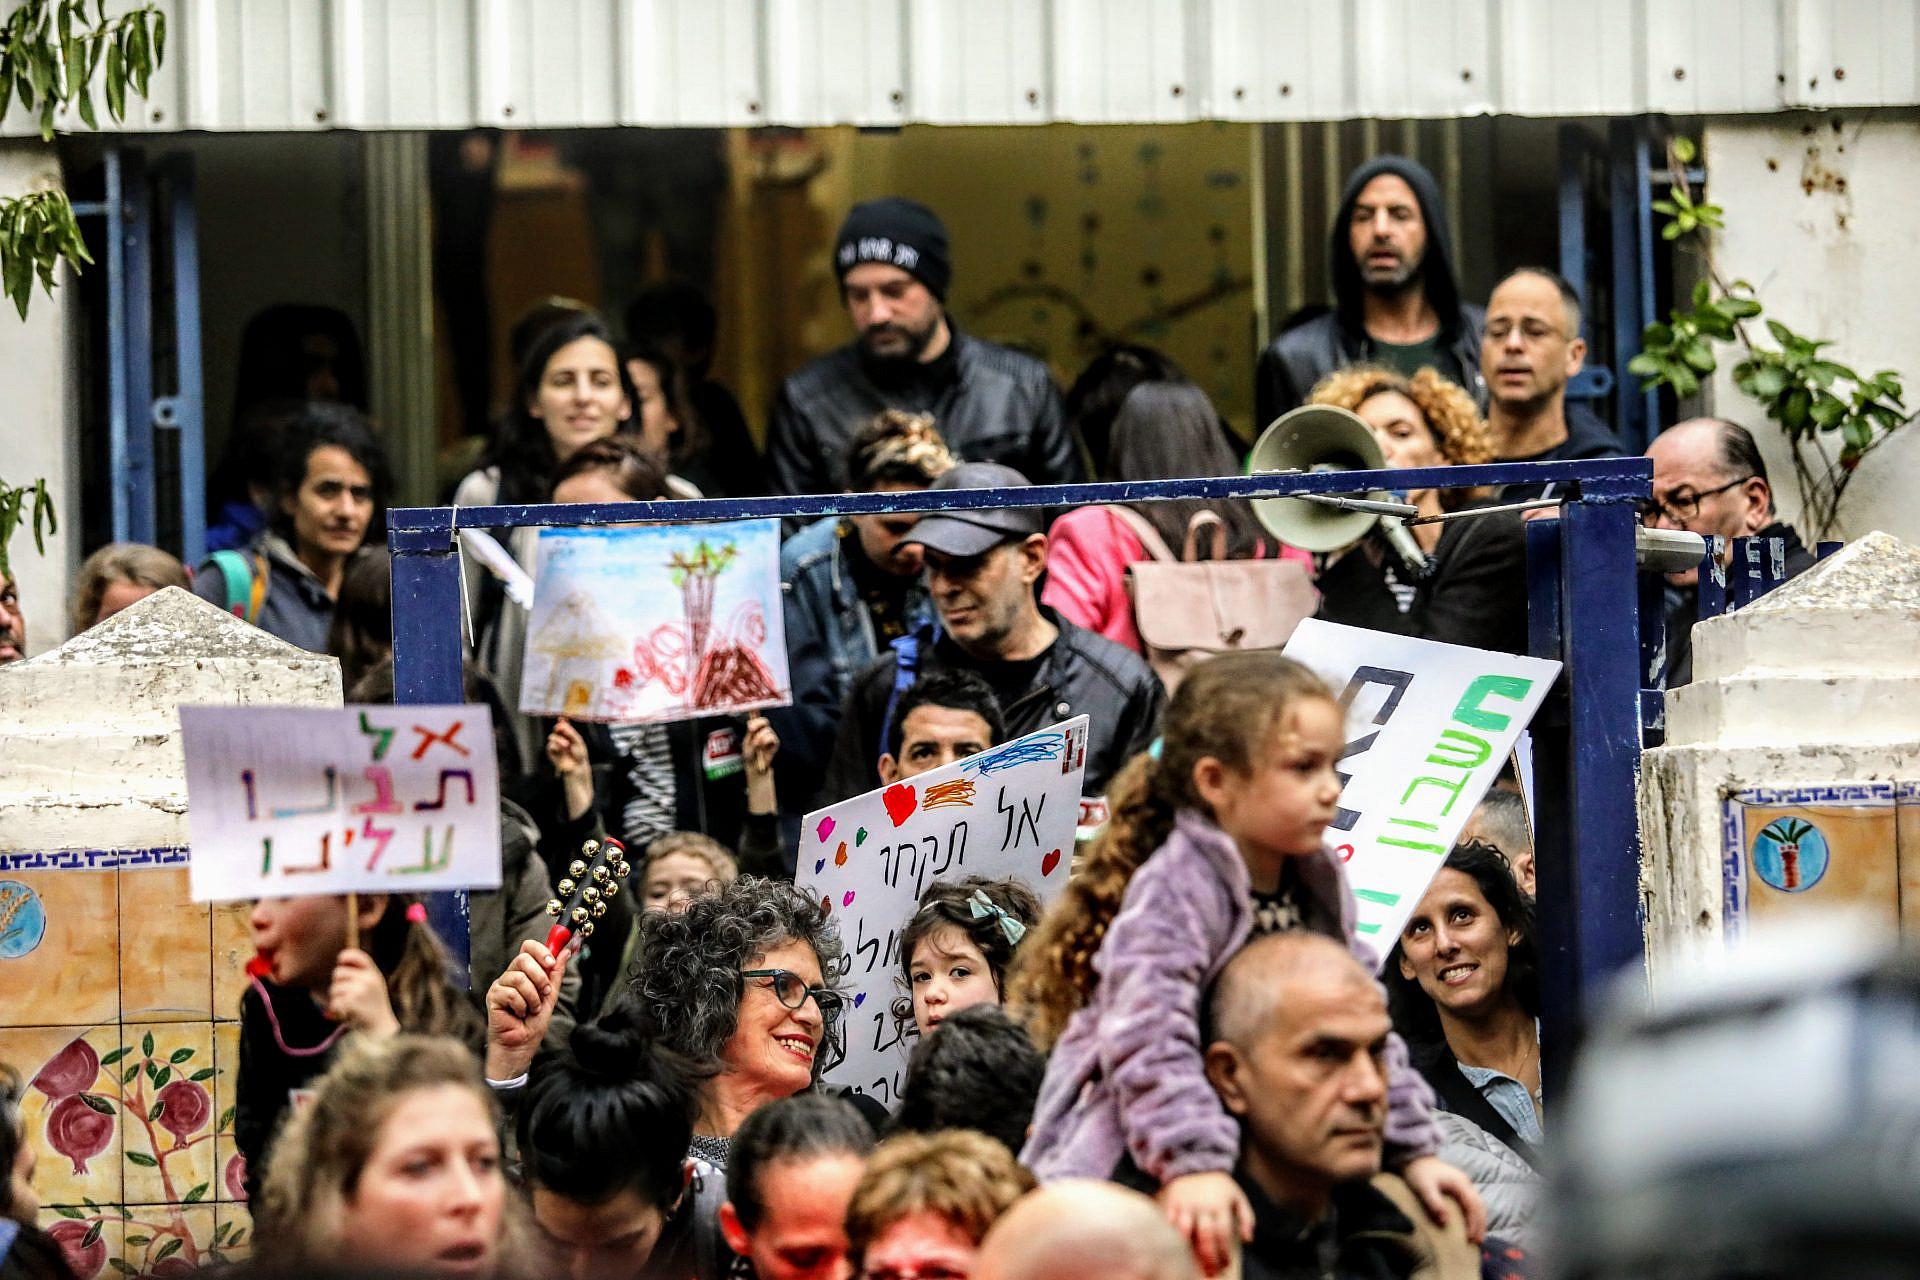 בדרך לאשכול הגנים הצפוף בארץ. צעדת המחאה ברחוב העבודה (צילום: שלומי יוסף)